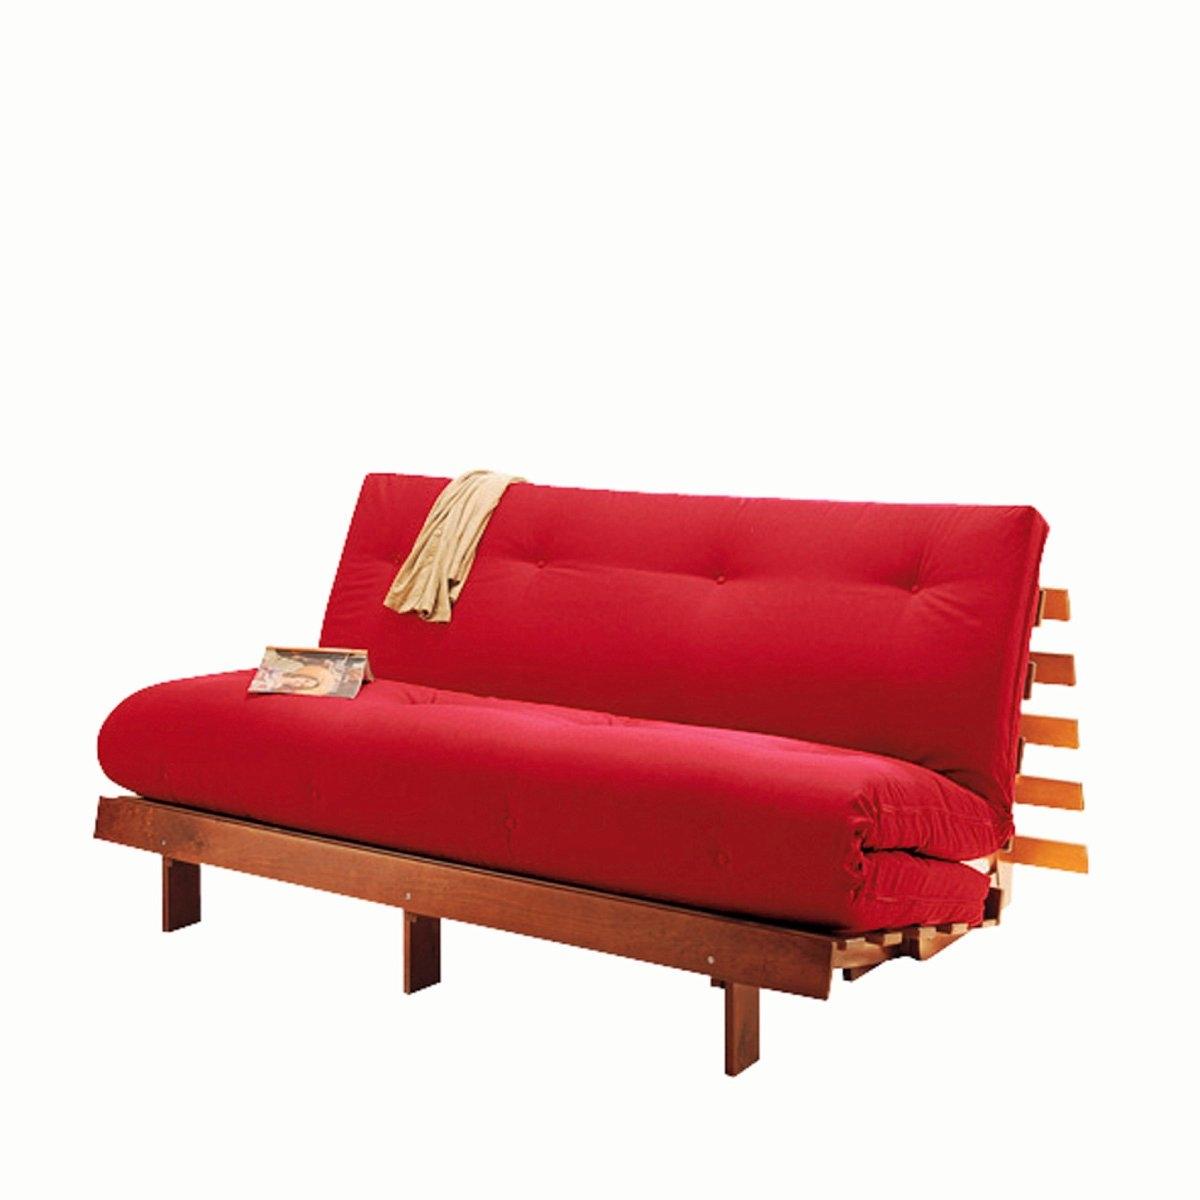 Матрас La Redoute Хлопчатобумажный с покрытием из латекса шерсти и льна для скамейки THA 160 x 200 см красный семеня льна компас здоровья 200 г